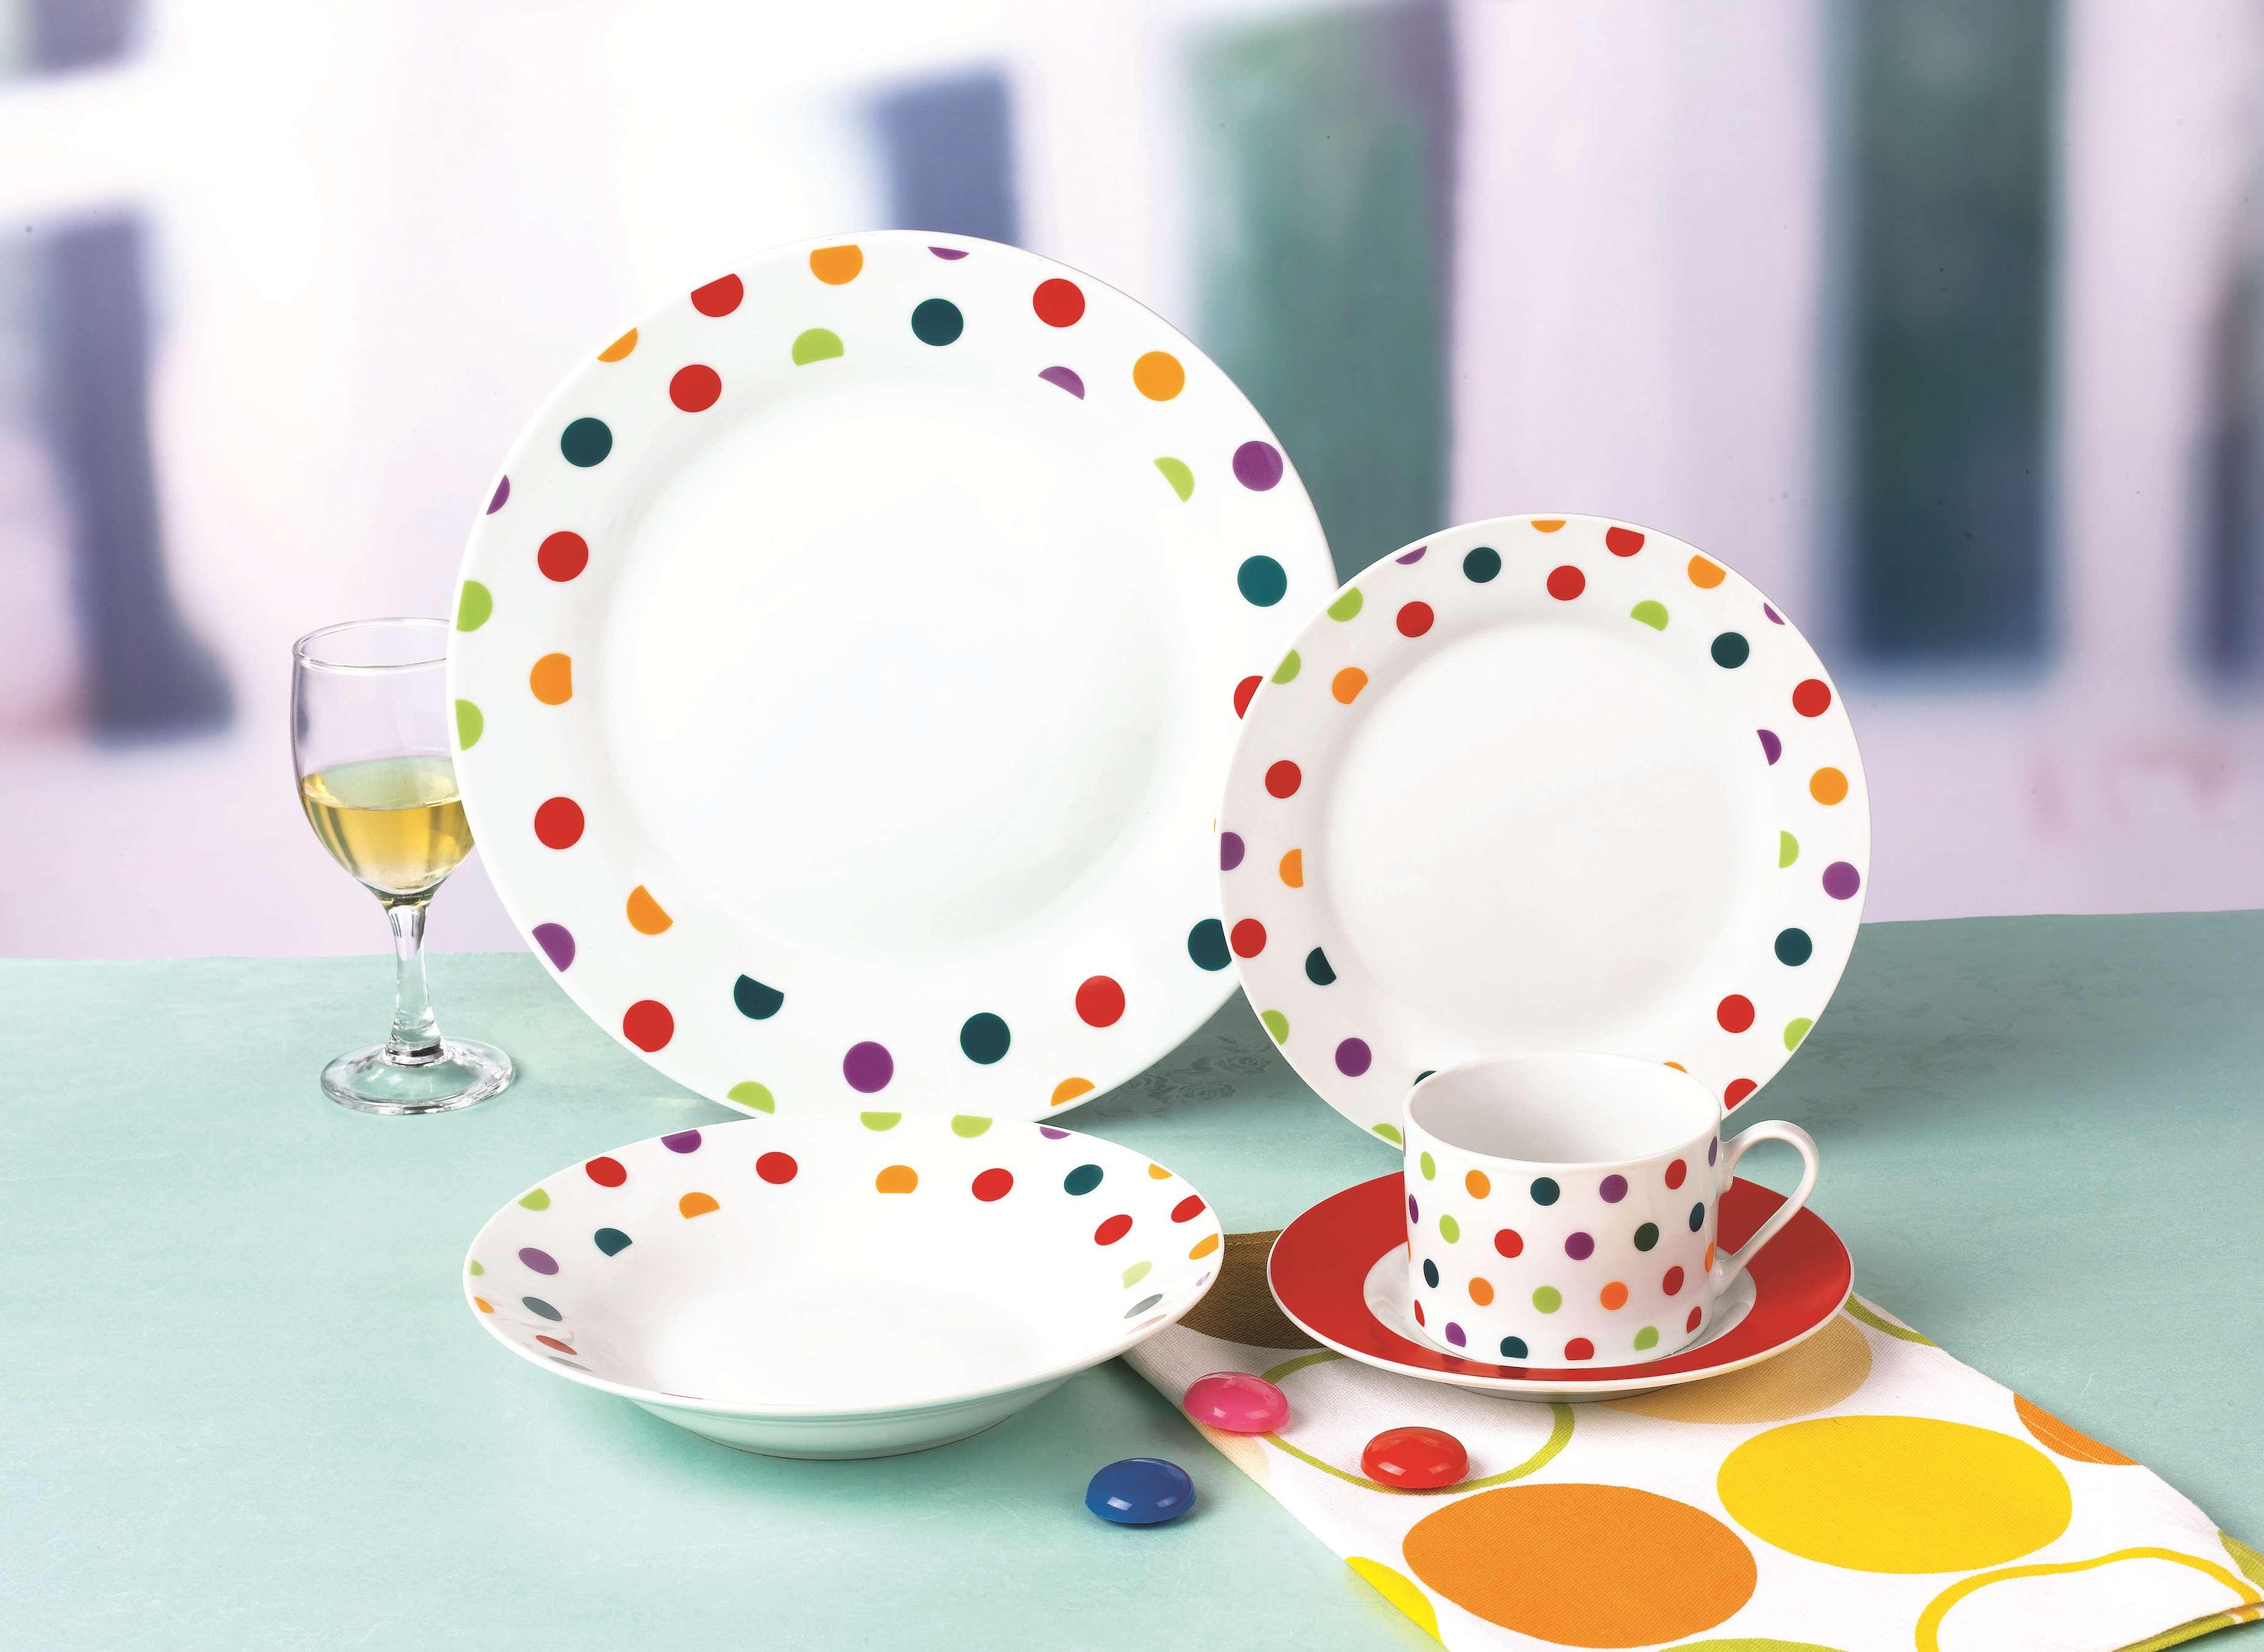 彩色圆点陶瓷餐具